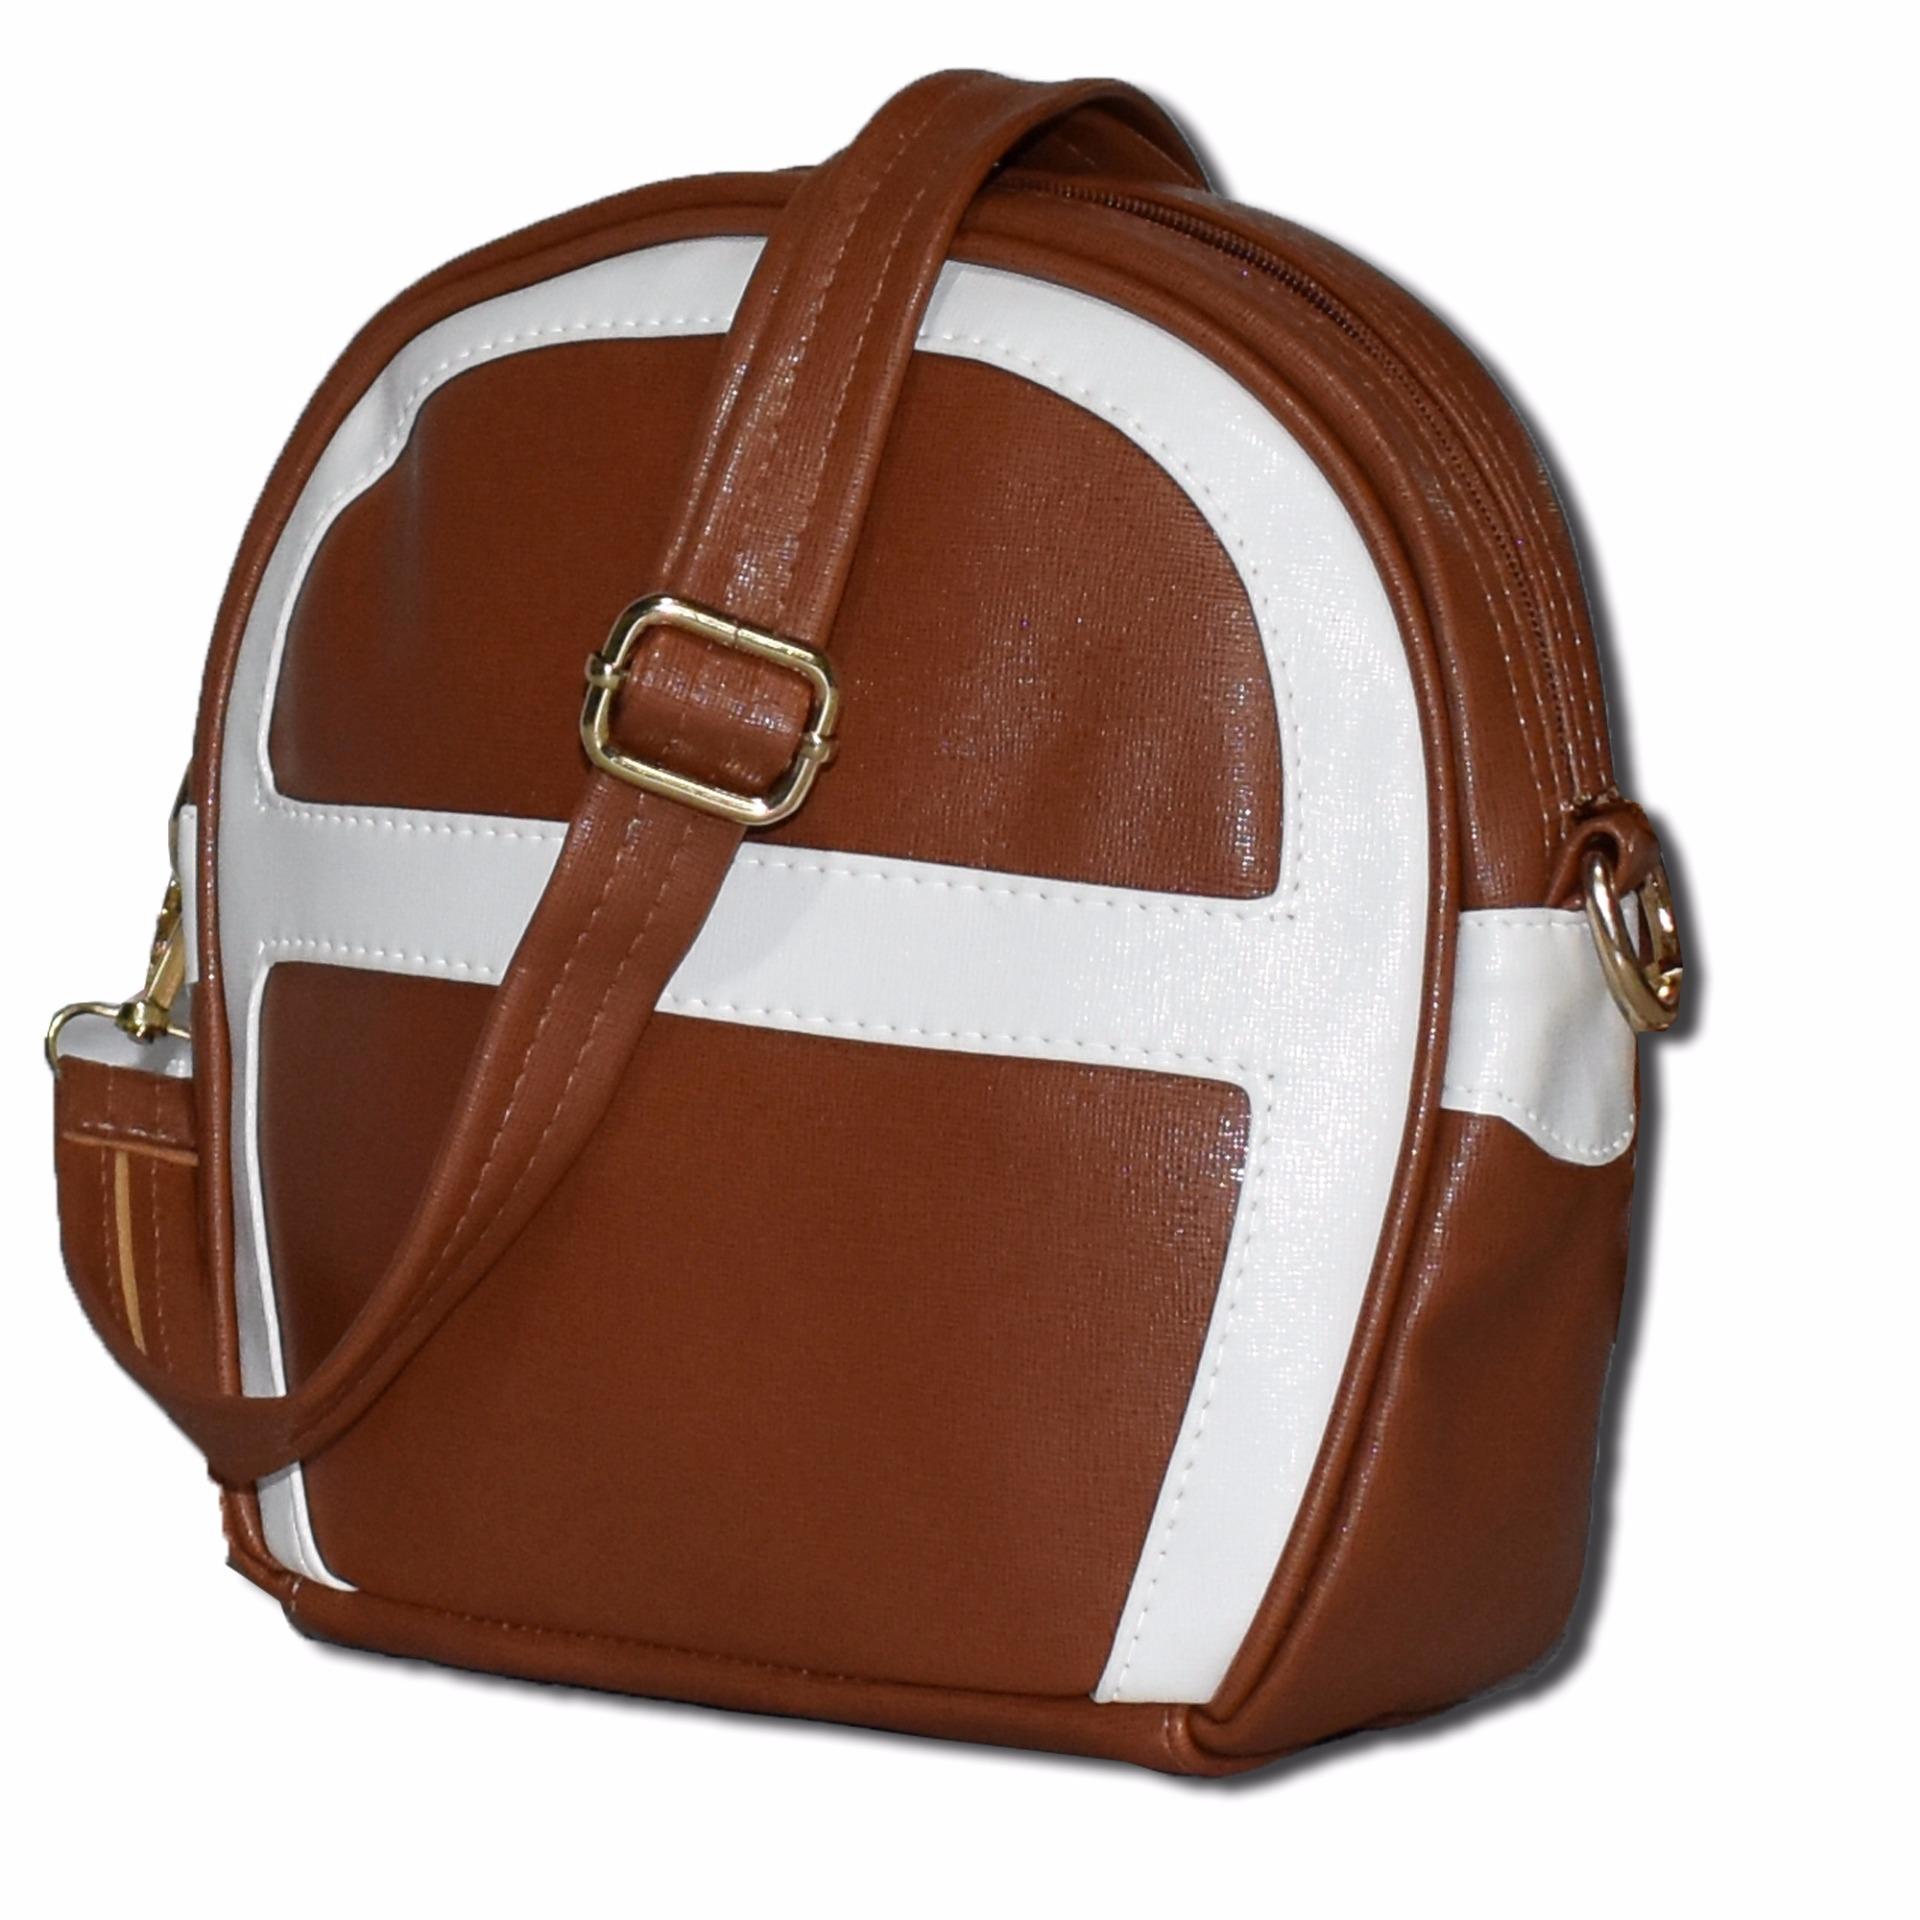 Tersedia berbagai macam warna Bils Promo Tas Wanita Slempang Puffy Sling Bag Coklat .